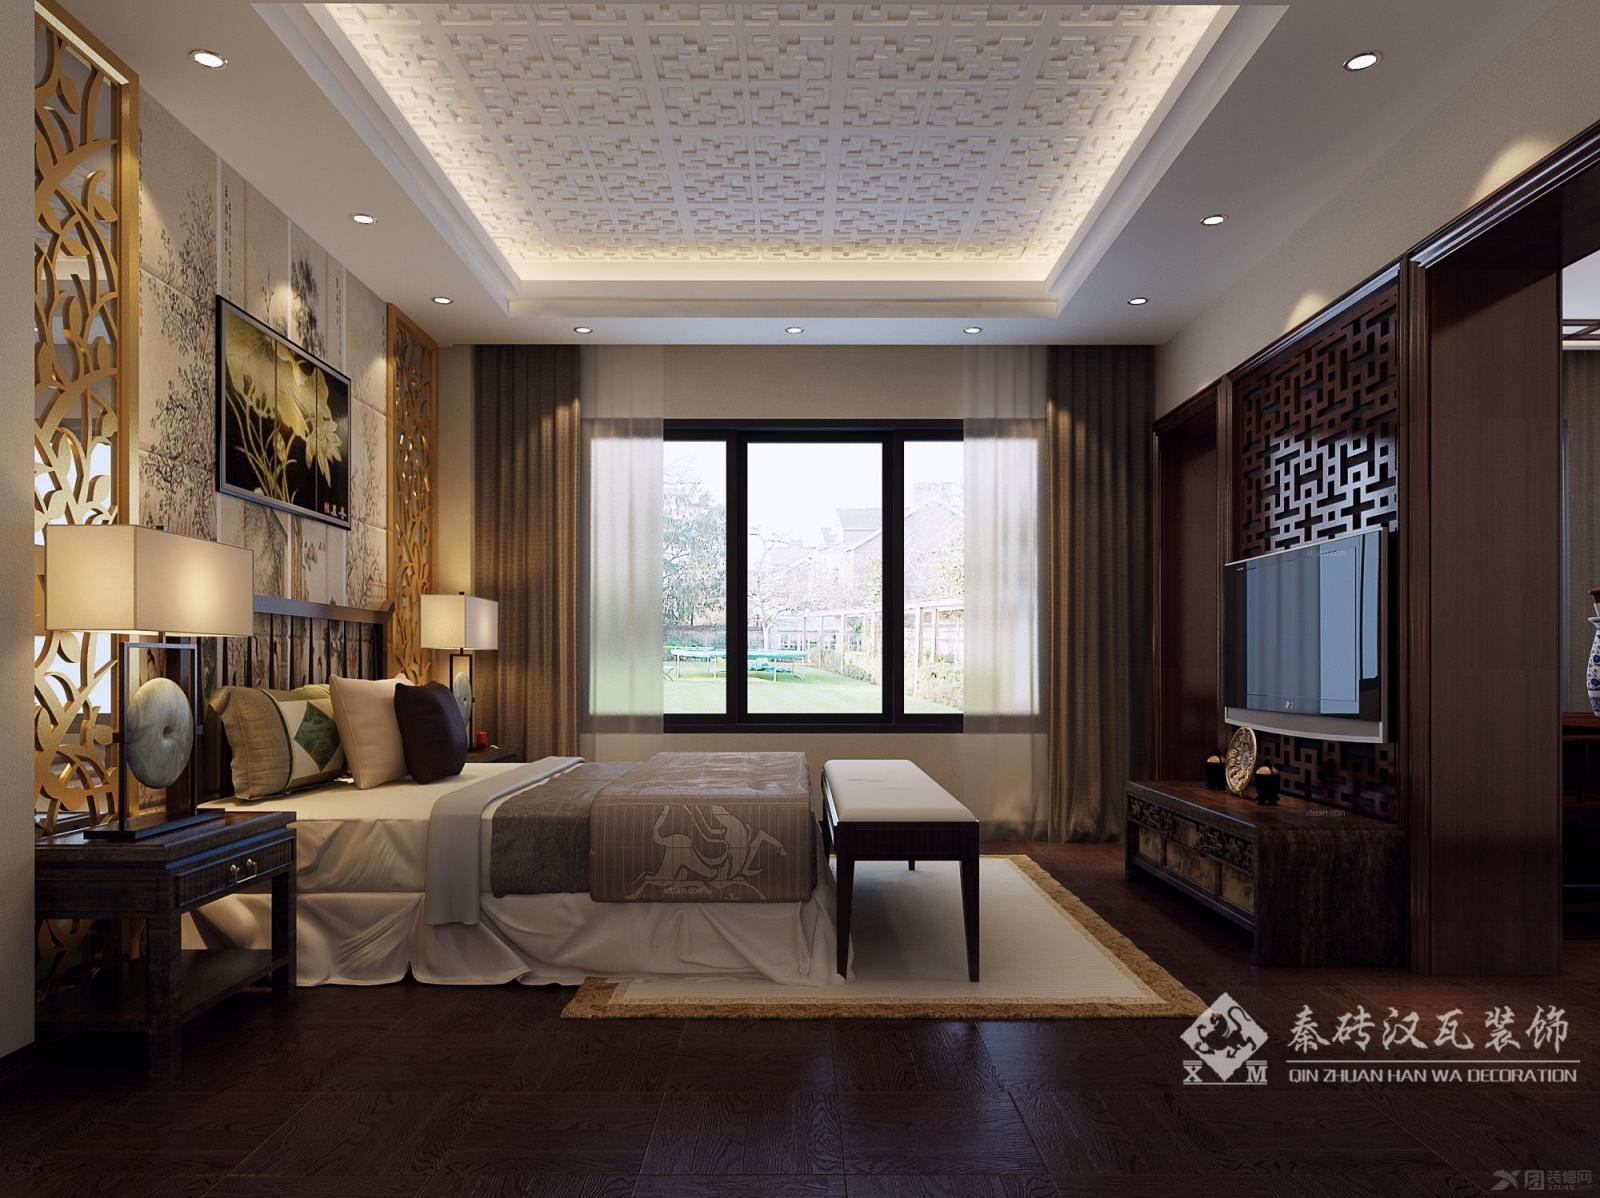 复式楼中式风格客厅_王总中式装修效果图-x团装修网图片